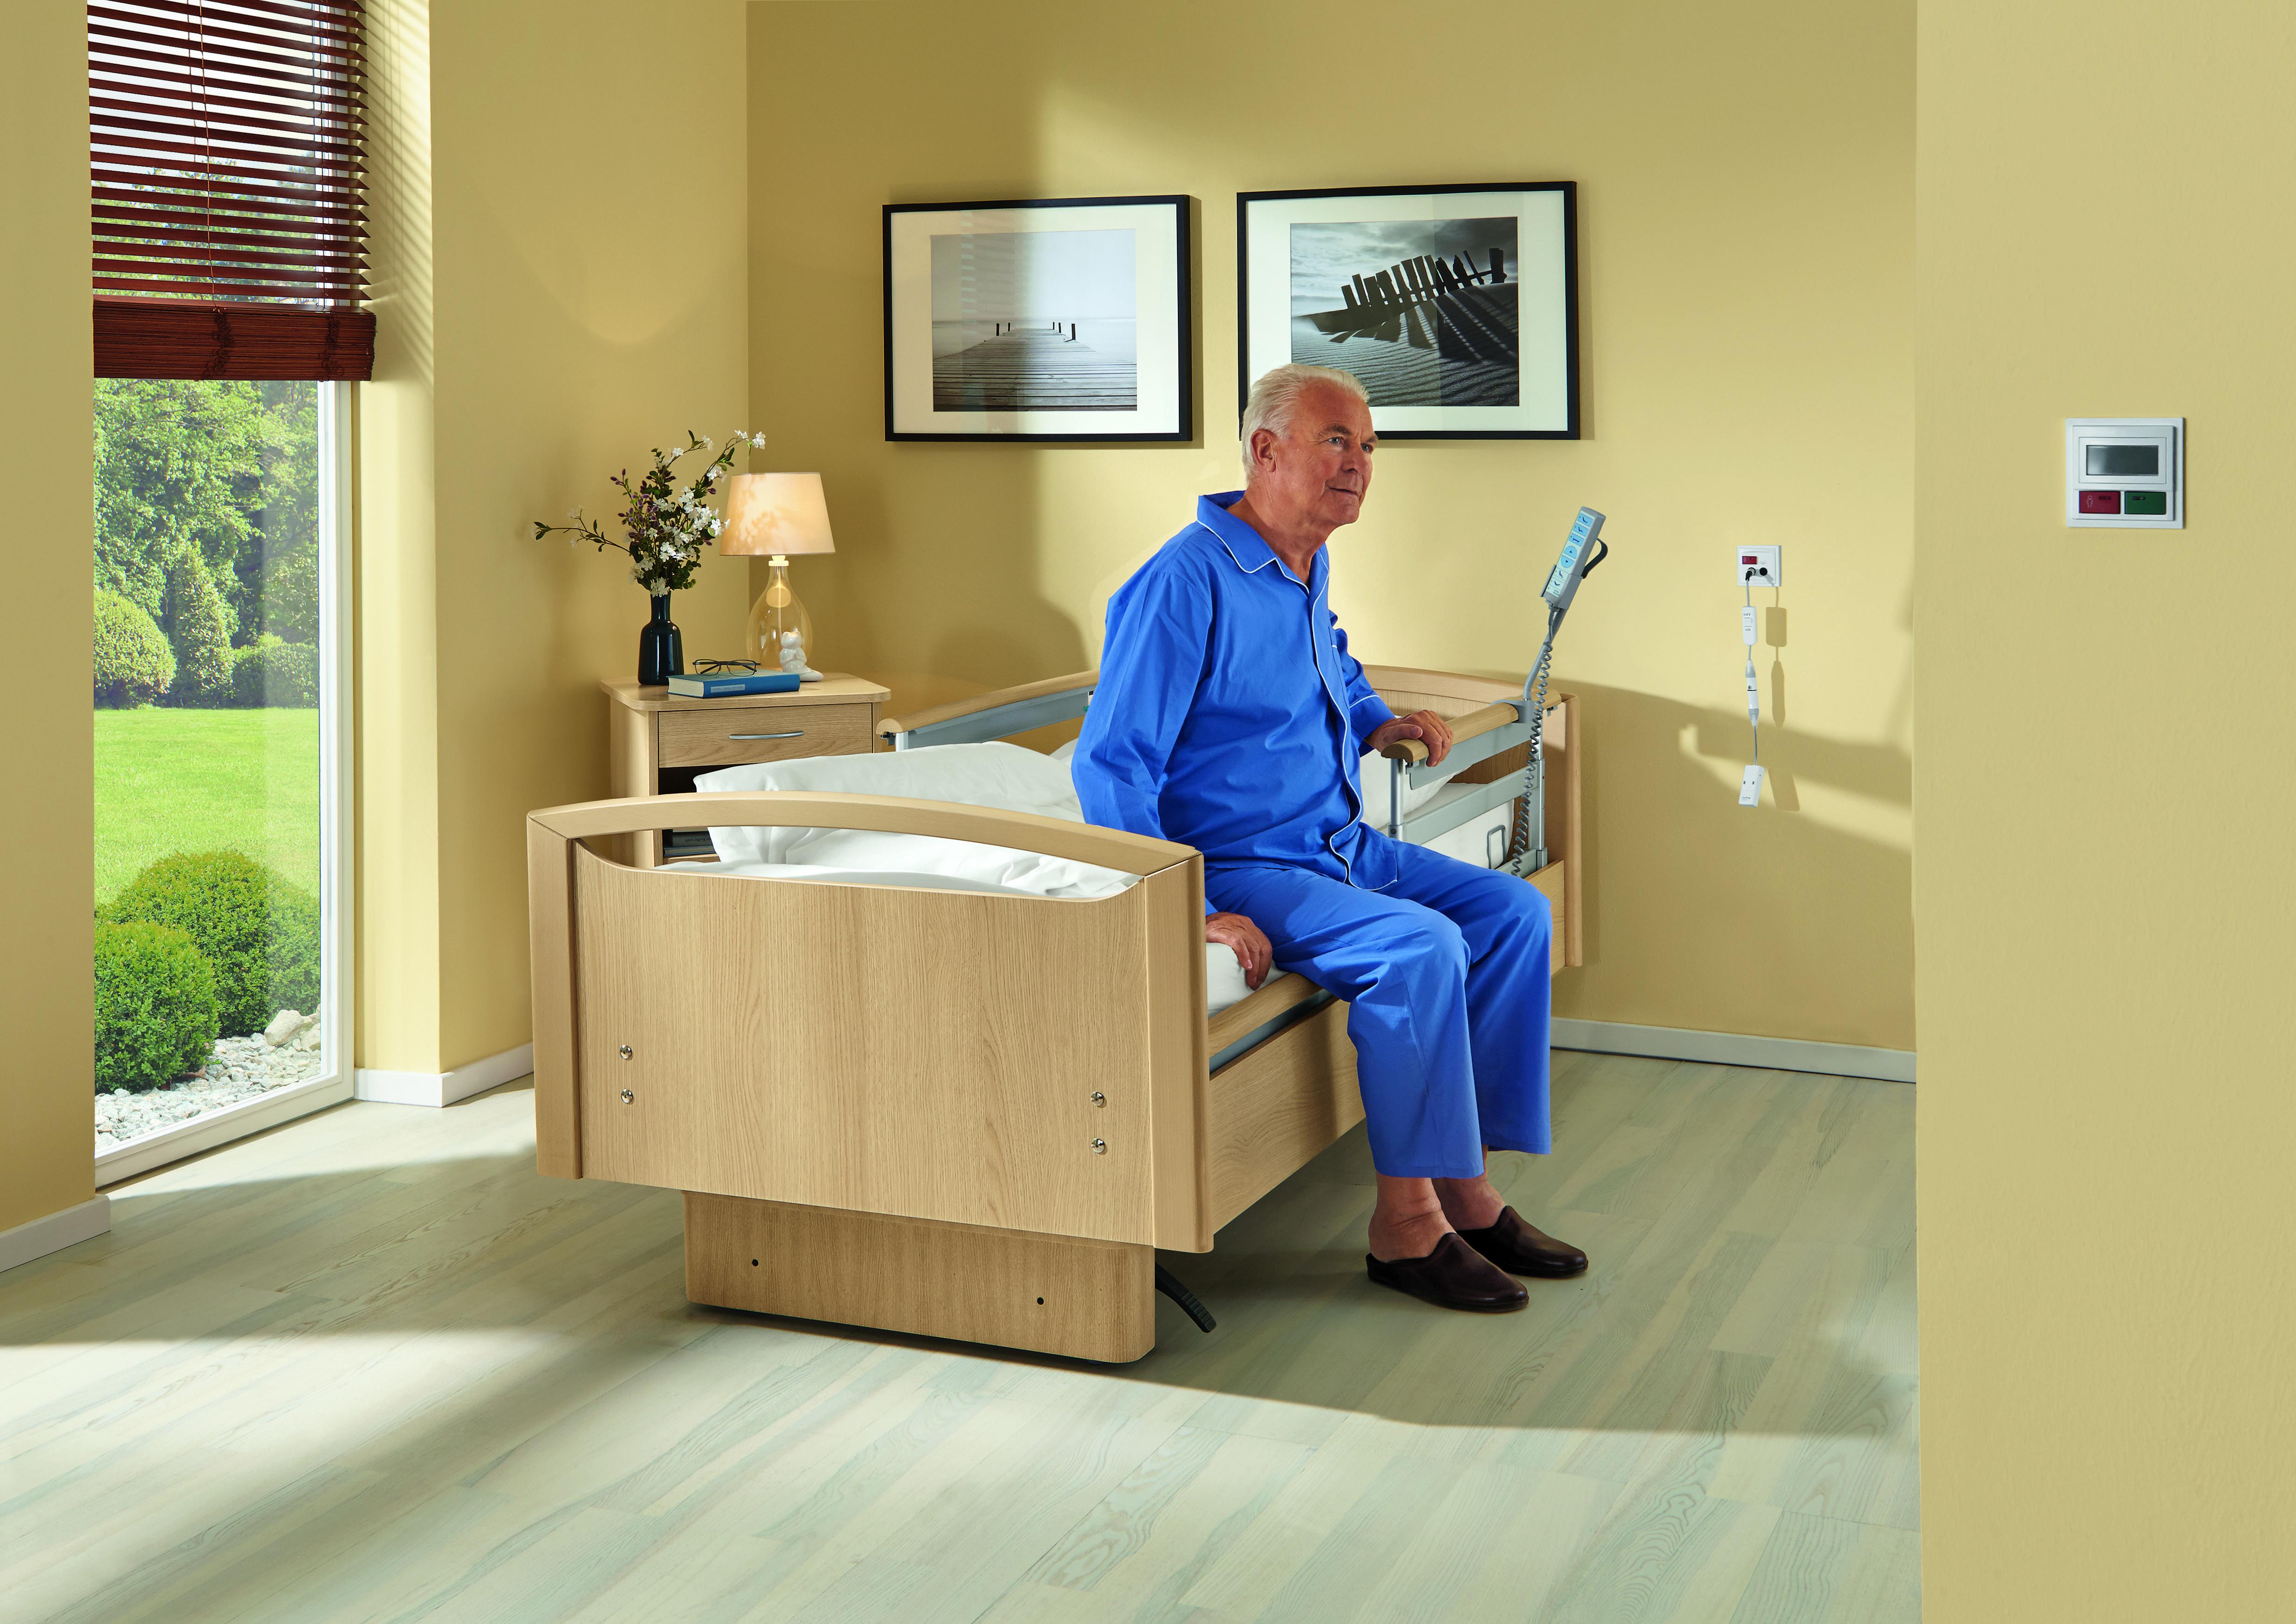 Patient kann sicher aufstehen